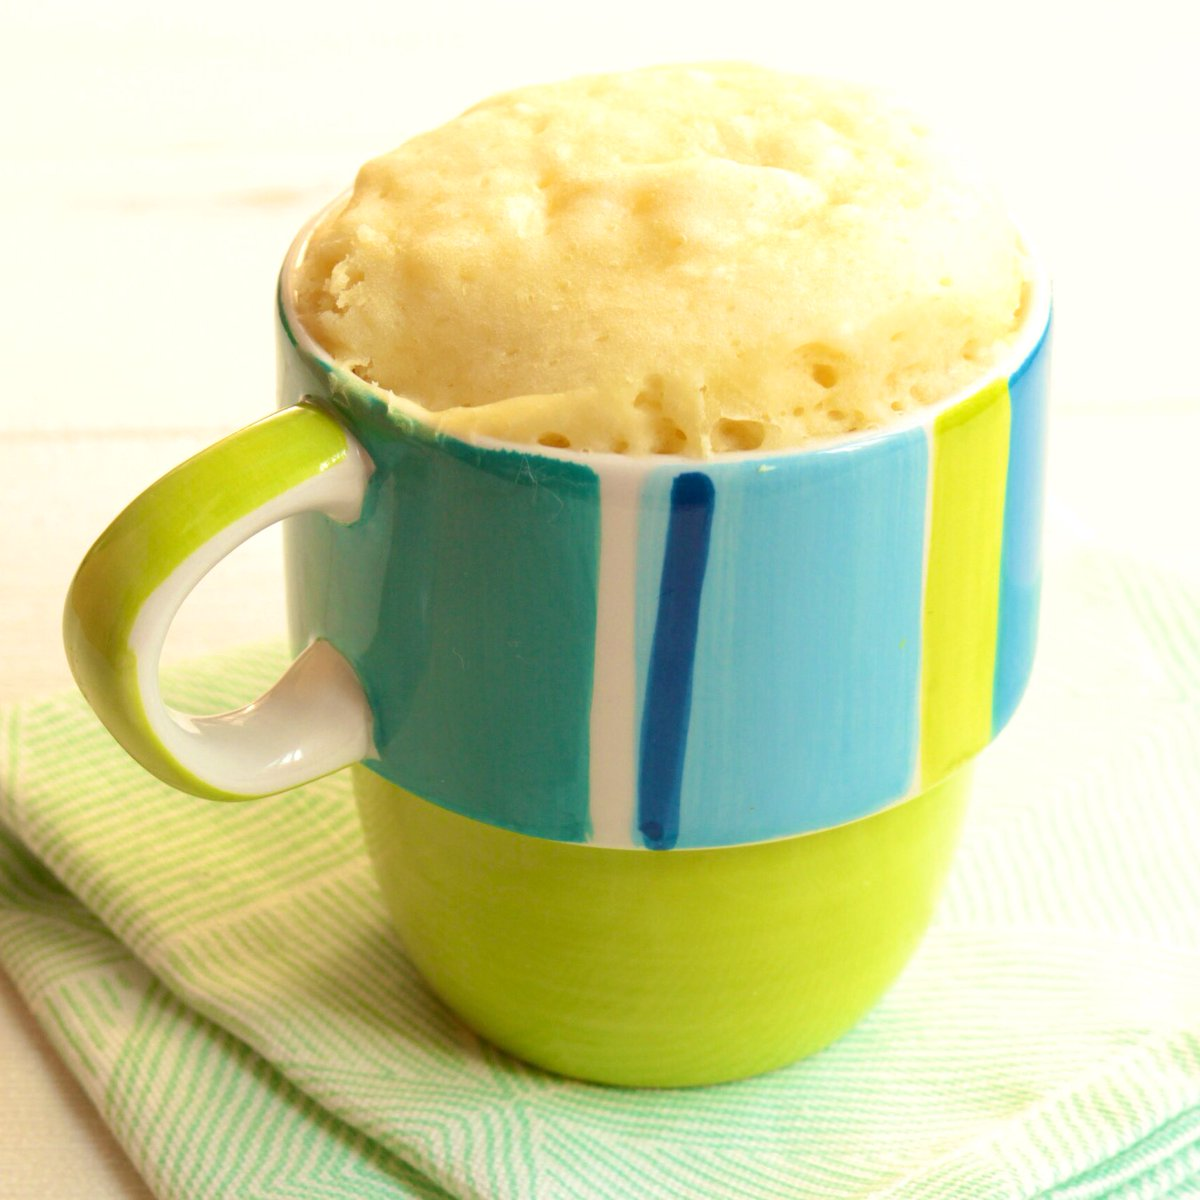 【話題】『ふわもこ豆乳蒸しパン』ふんわりもっちり食感がたまらない!是非食べてみたい!